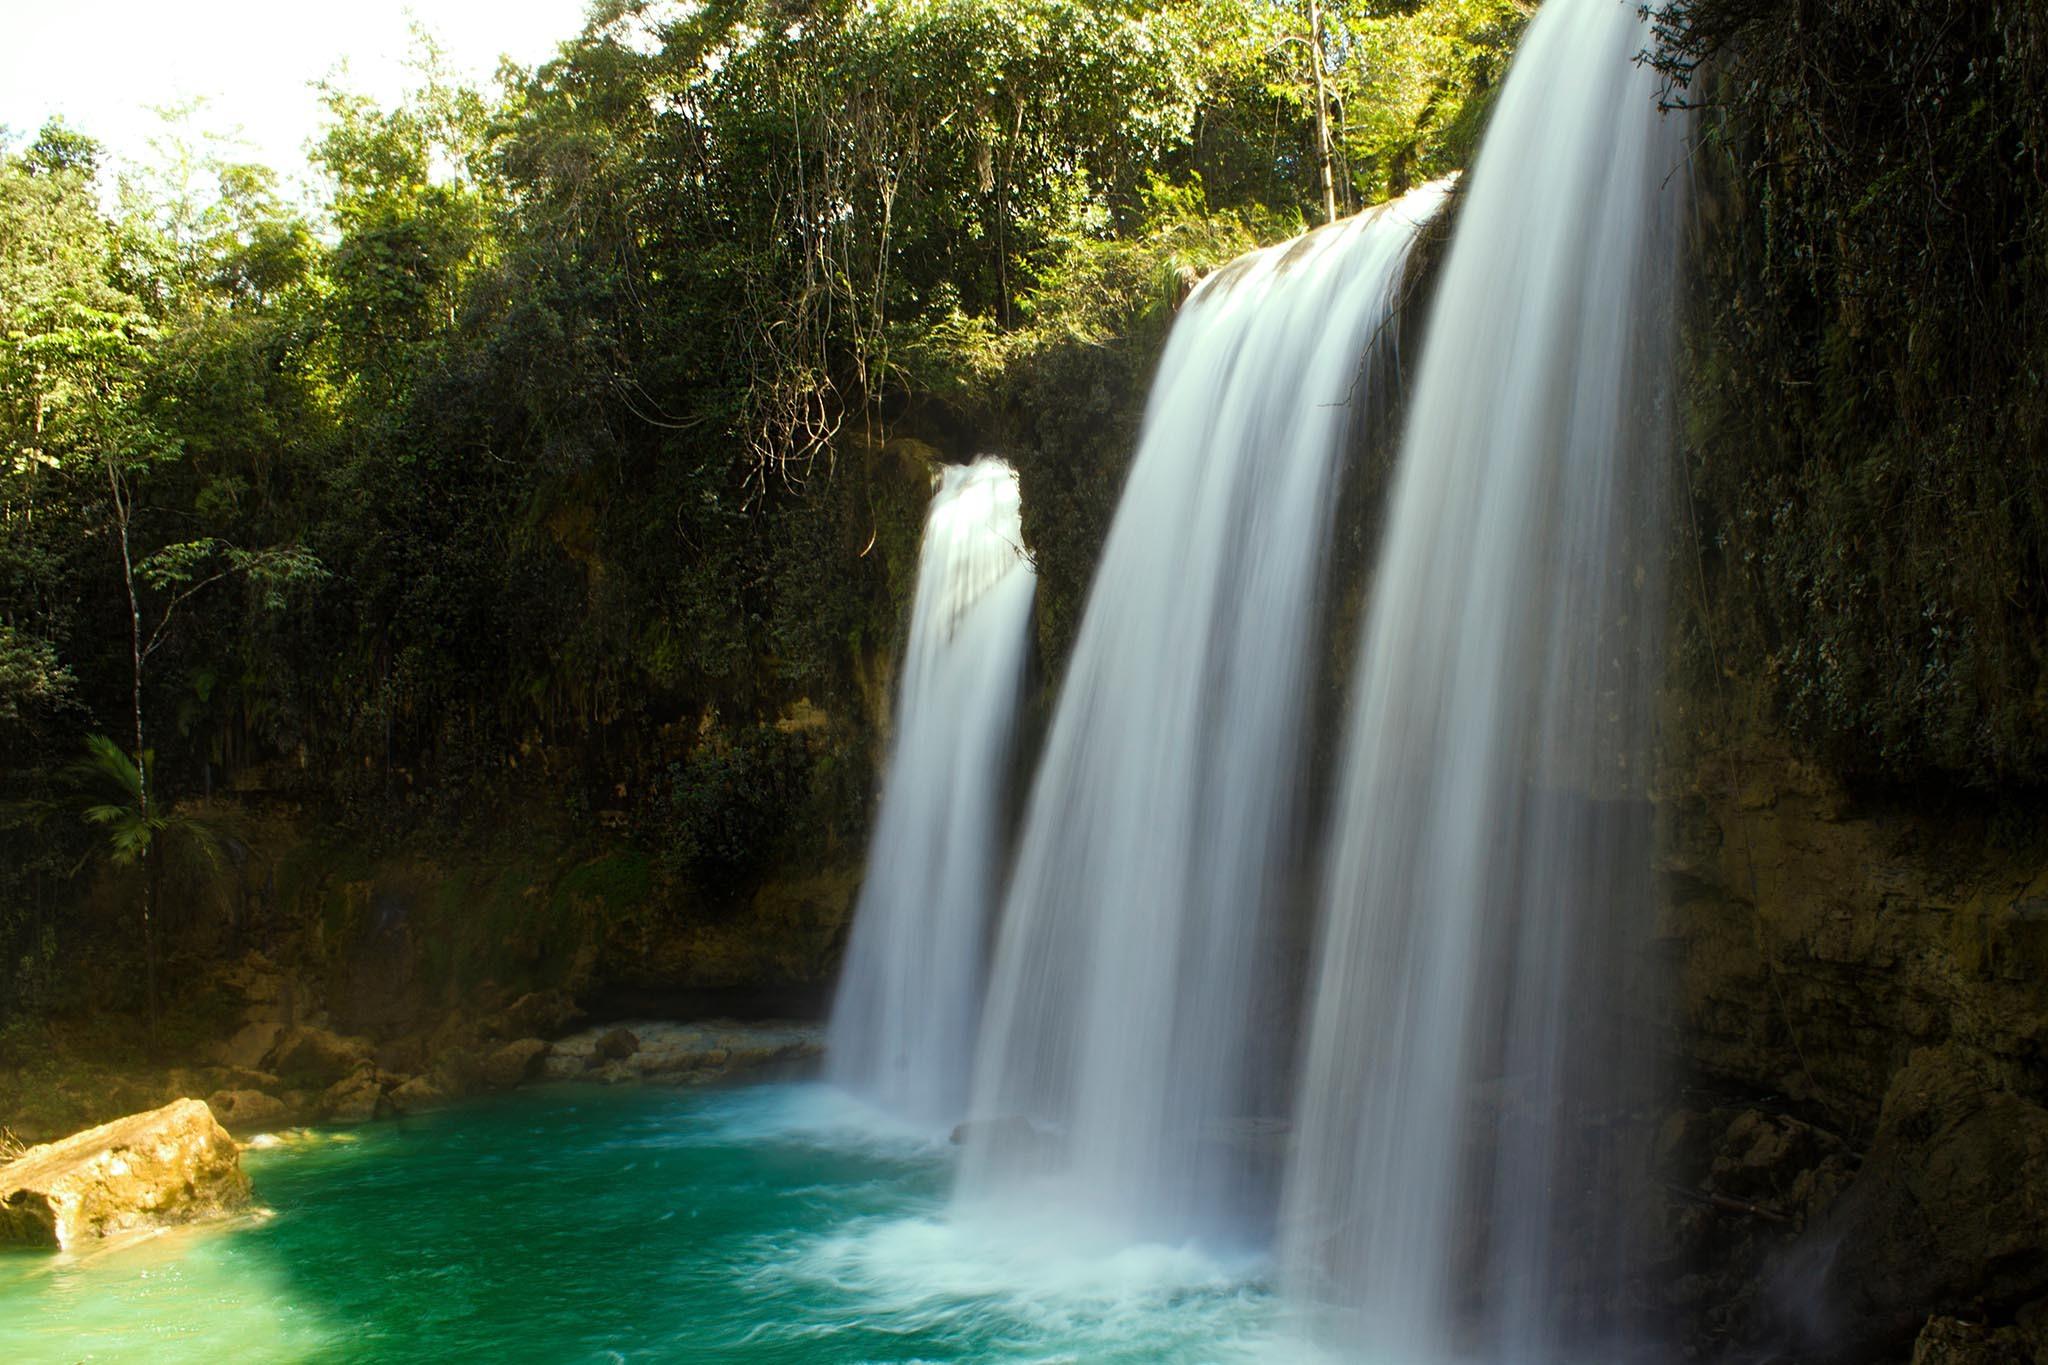 Salto Alto Waterfall, eitw